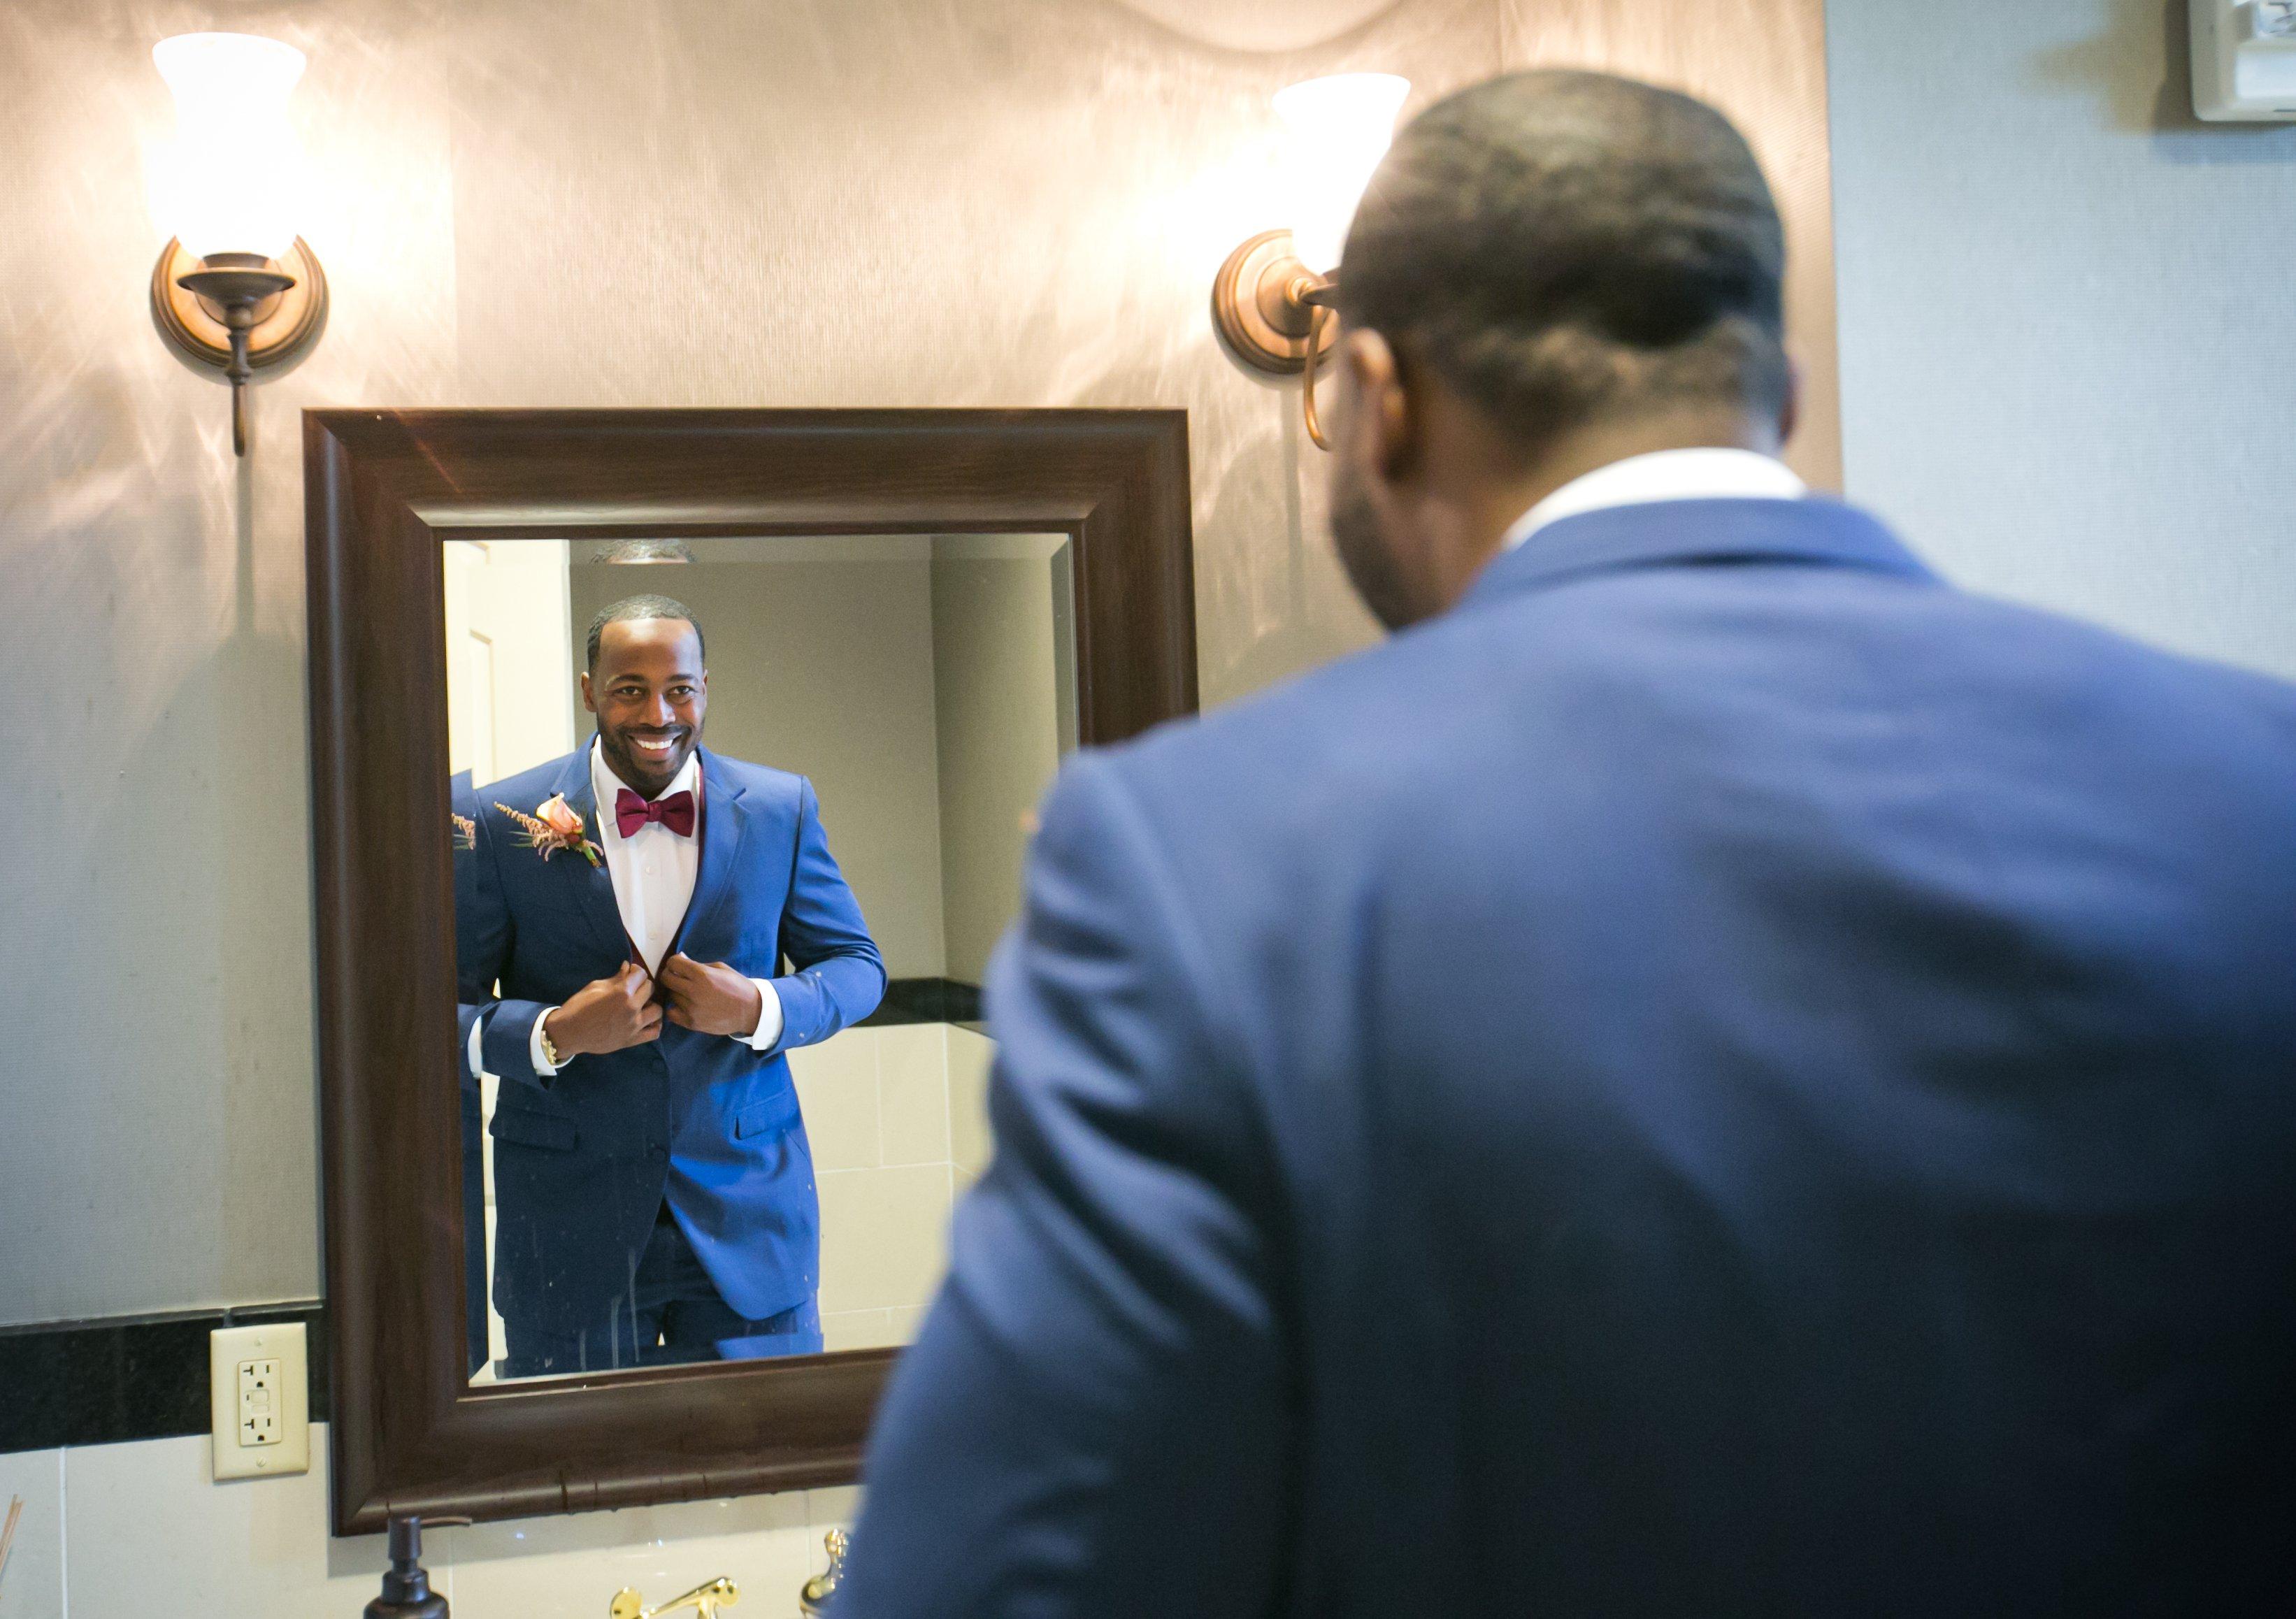 Atlanta Wedding In December | LeeHenry Events